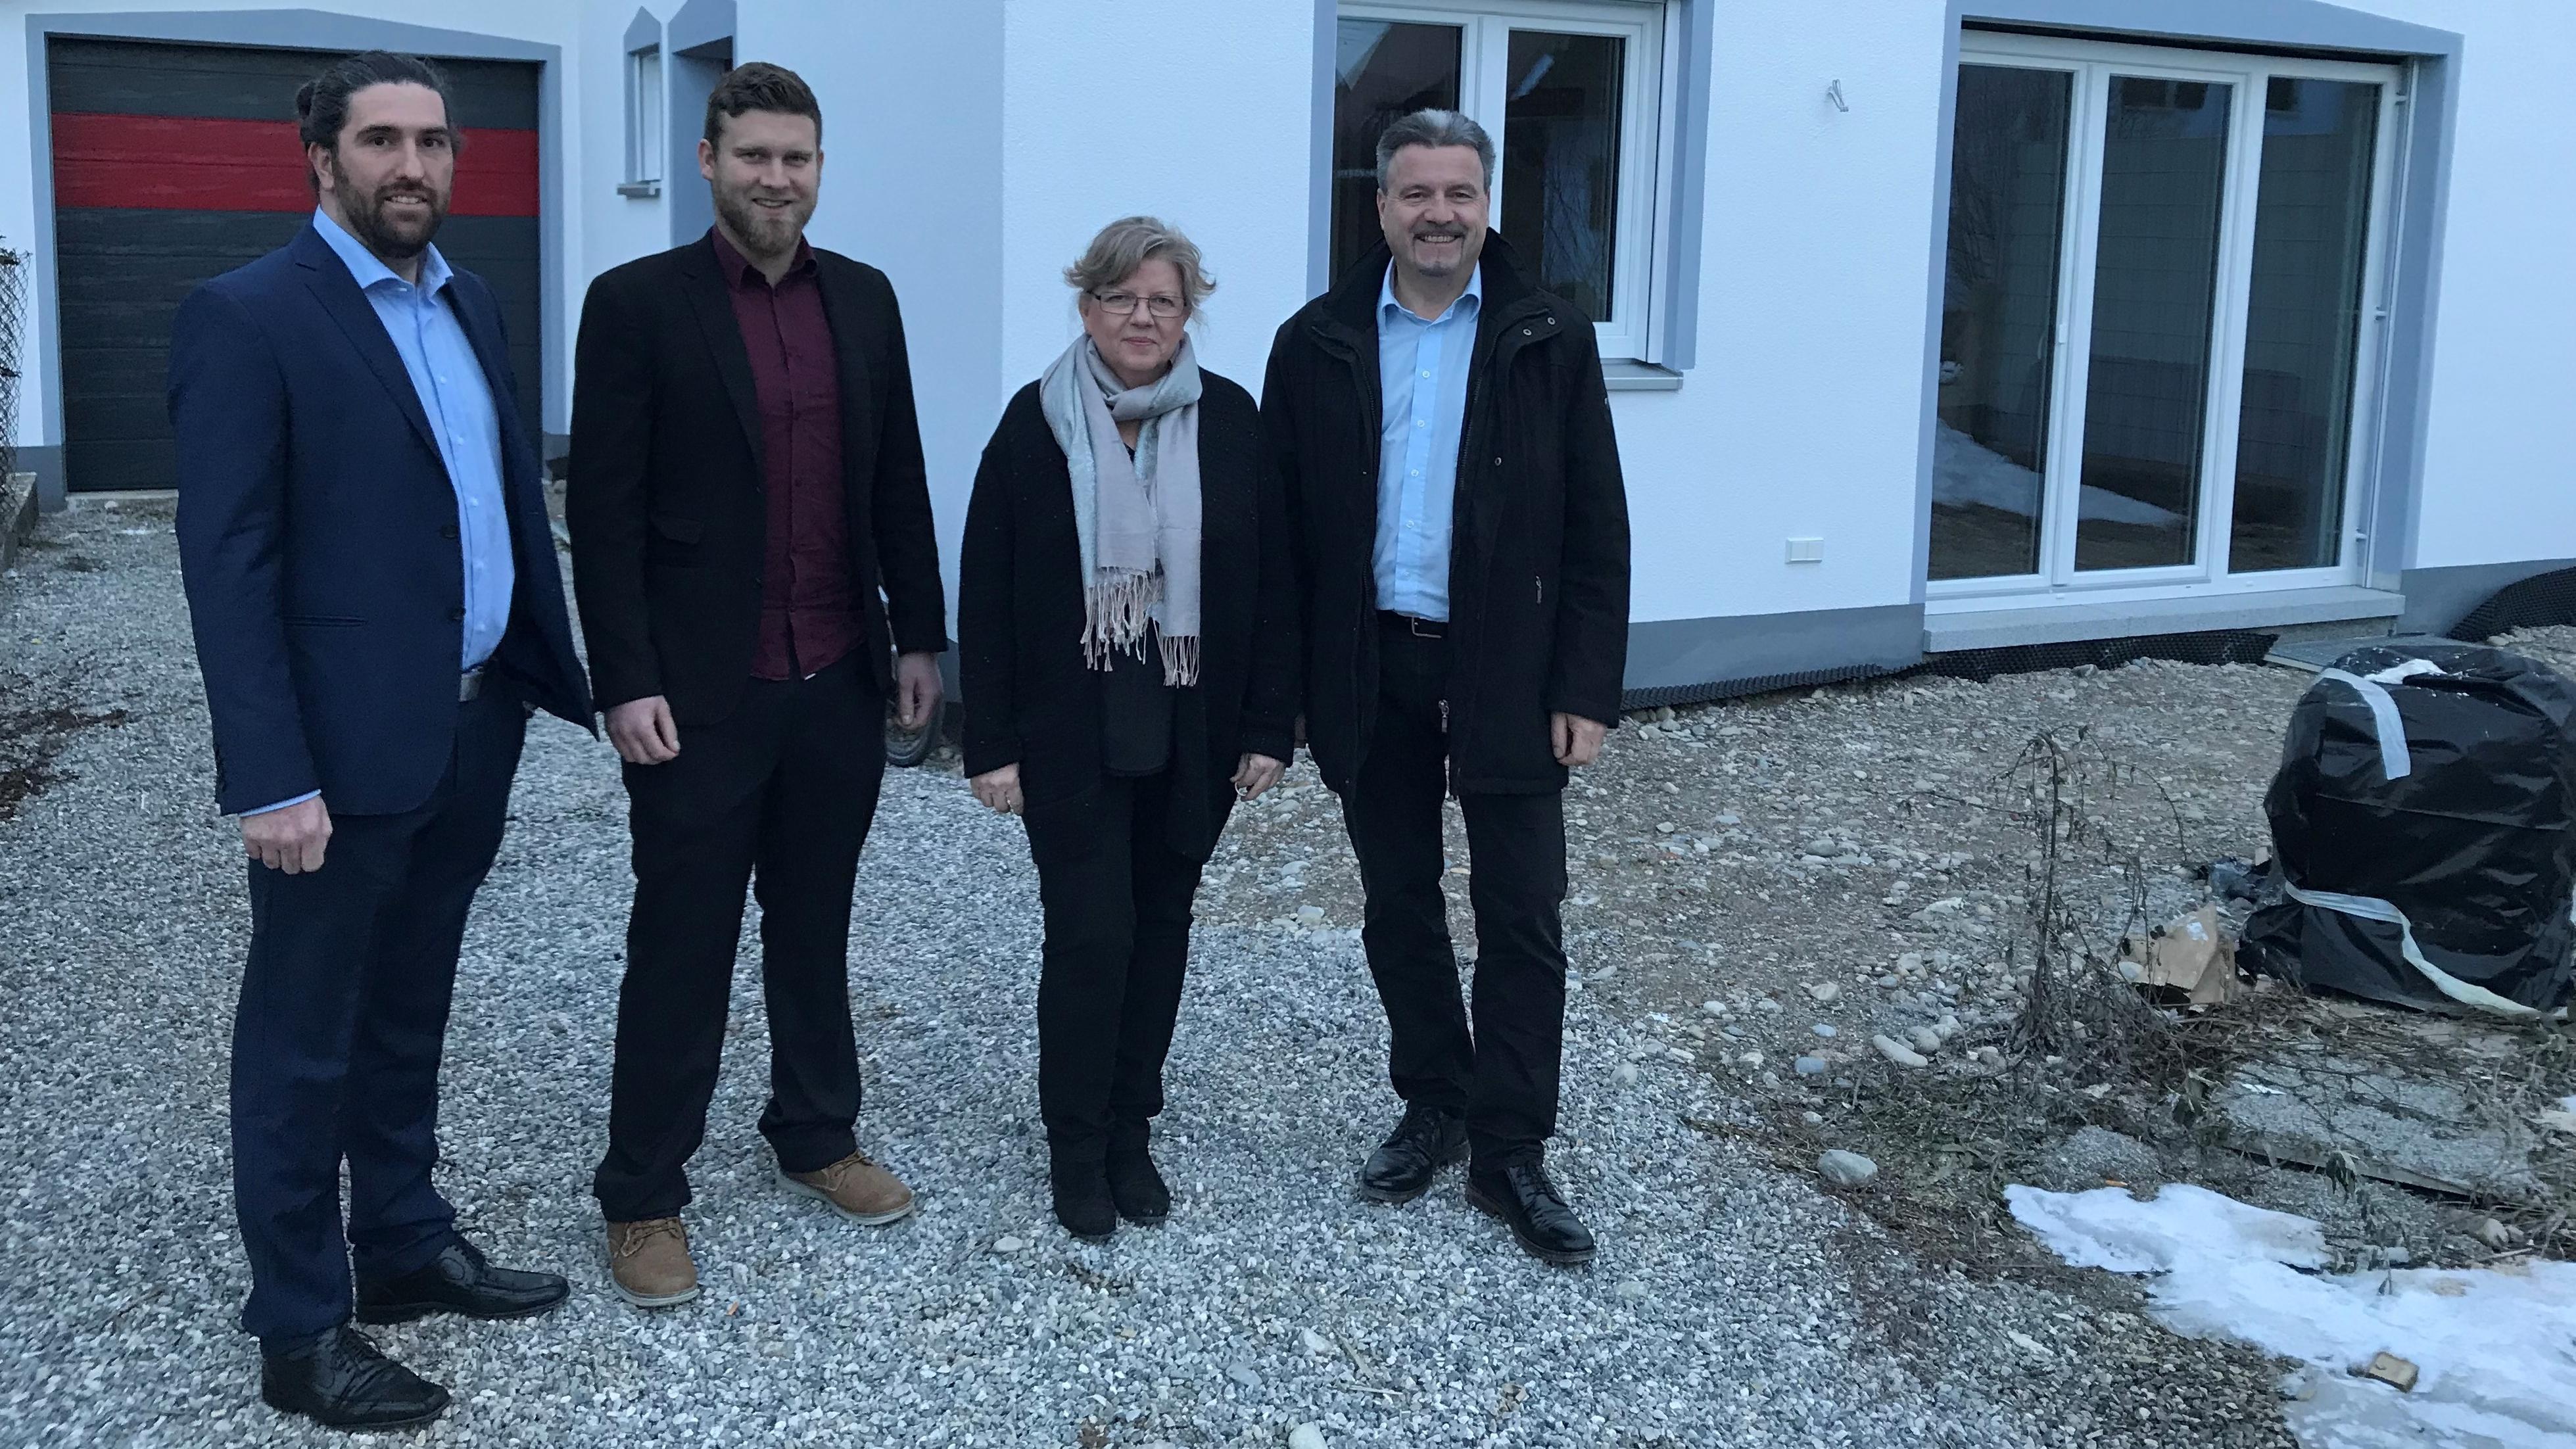 Die Initiatoren des Projekts vor dem Haus in Lagerlechfeld.